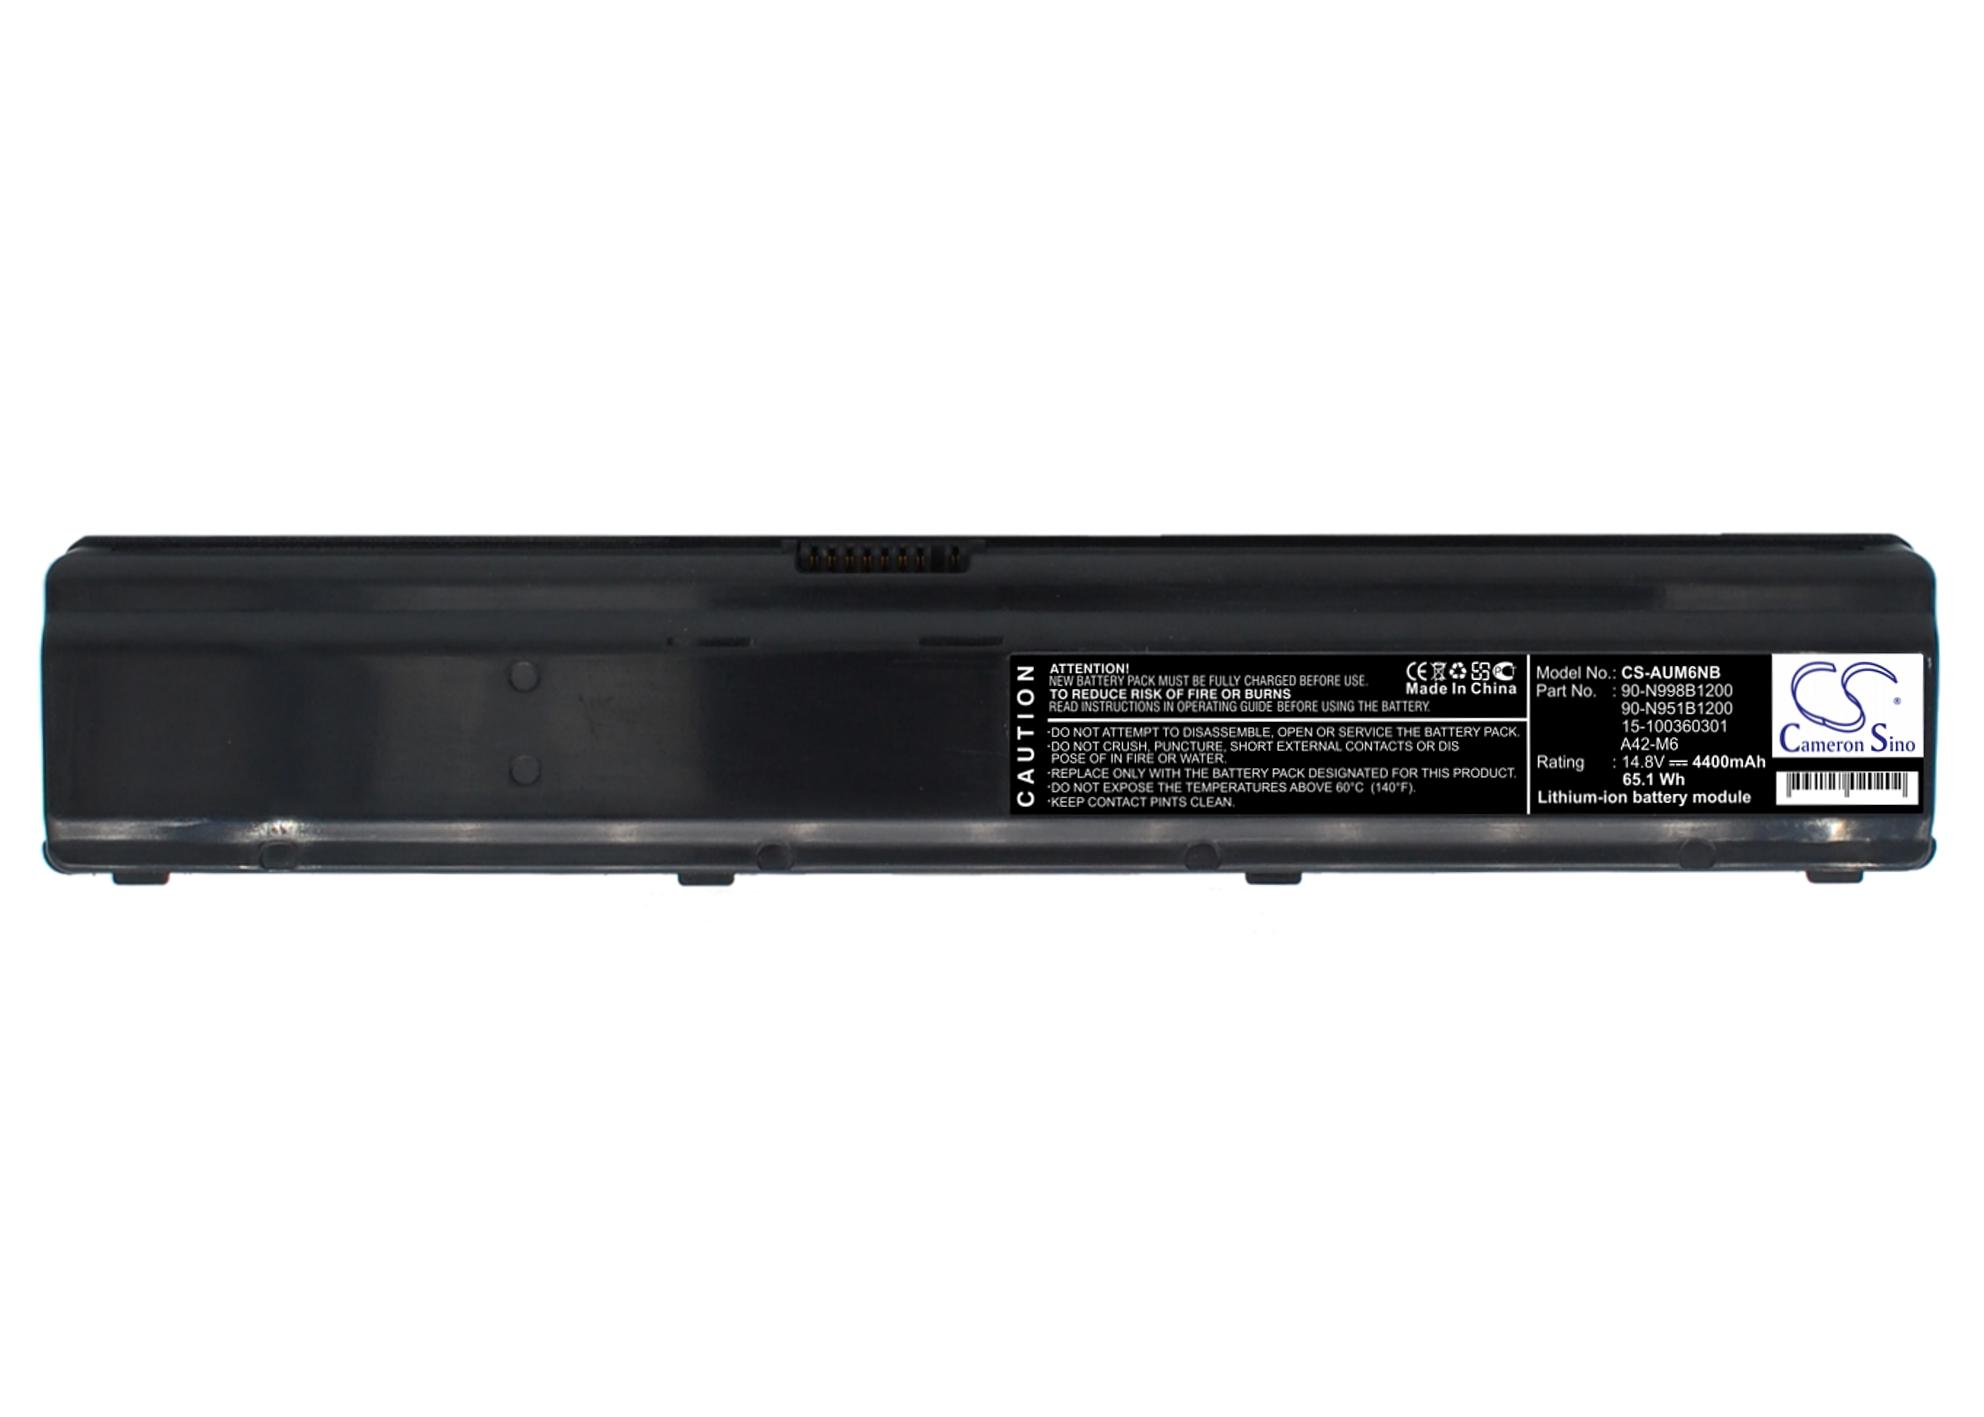 Cameron Sino baterie do notebooků pro ASUS M6000 14.8V Li-ion 4400mAh černá - neoriginální